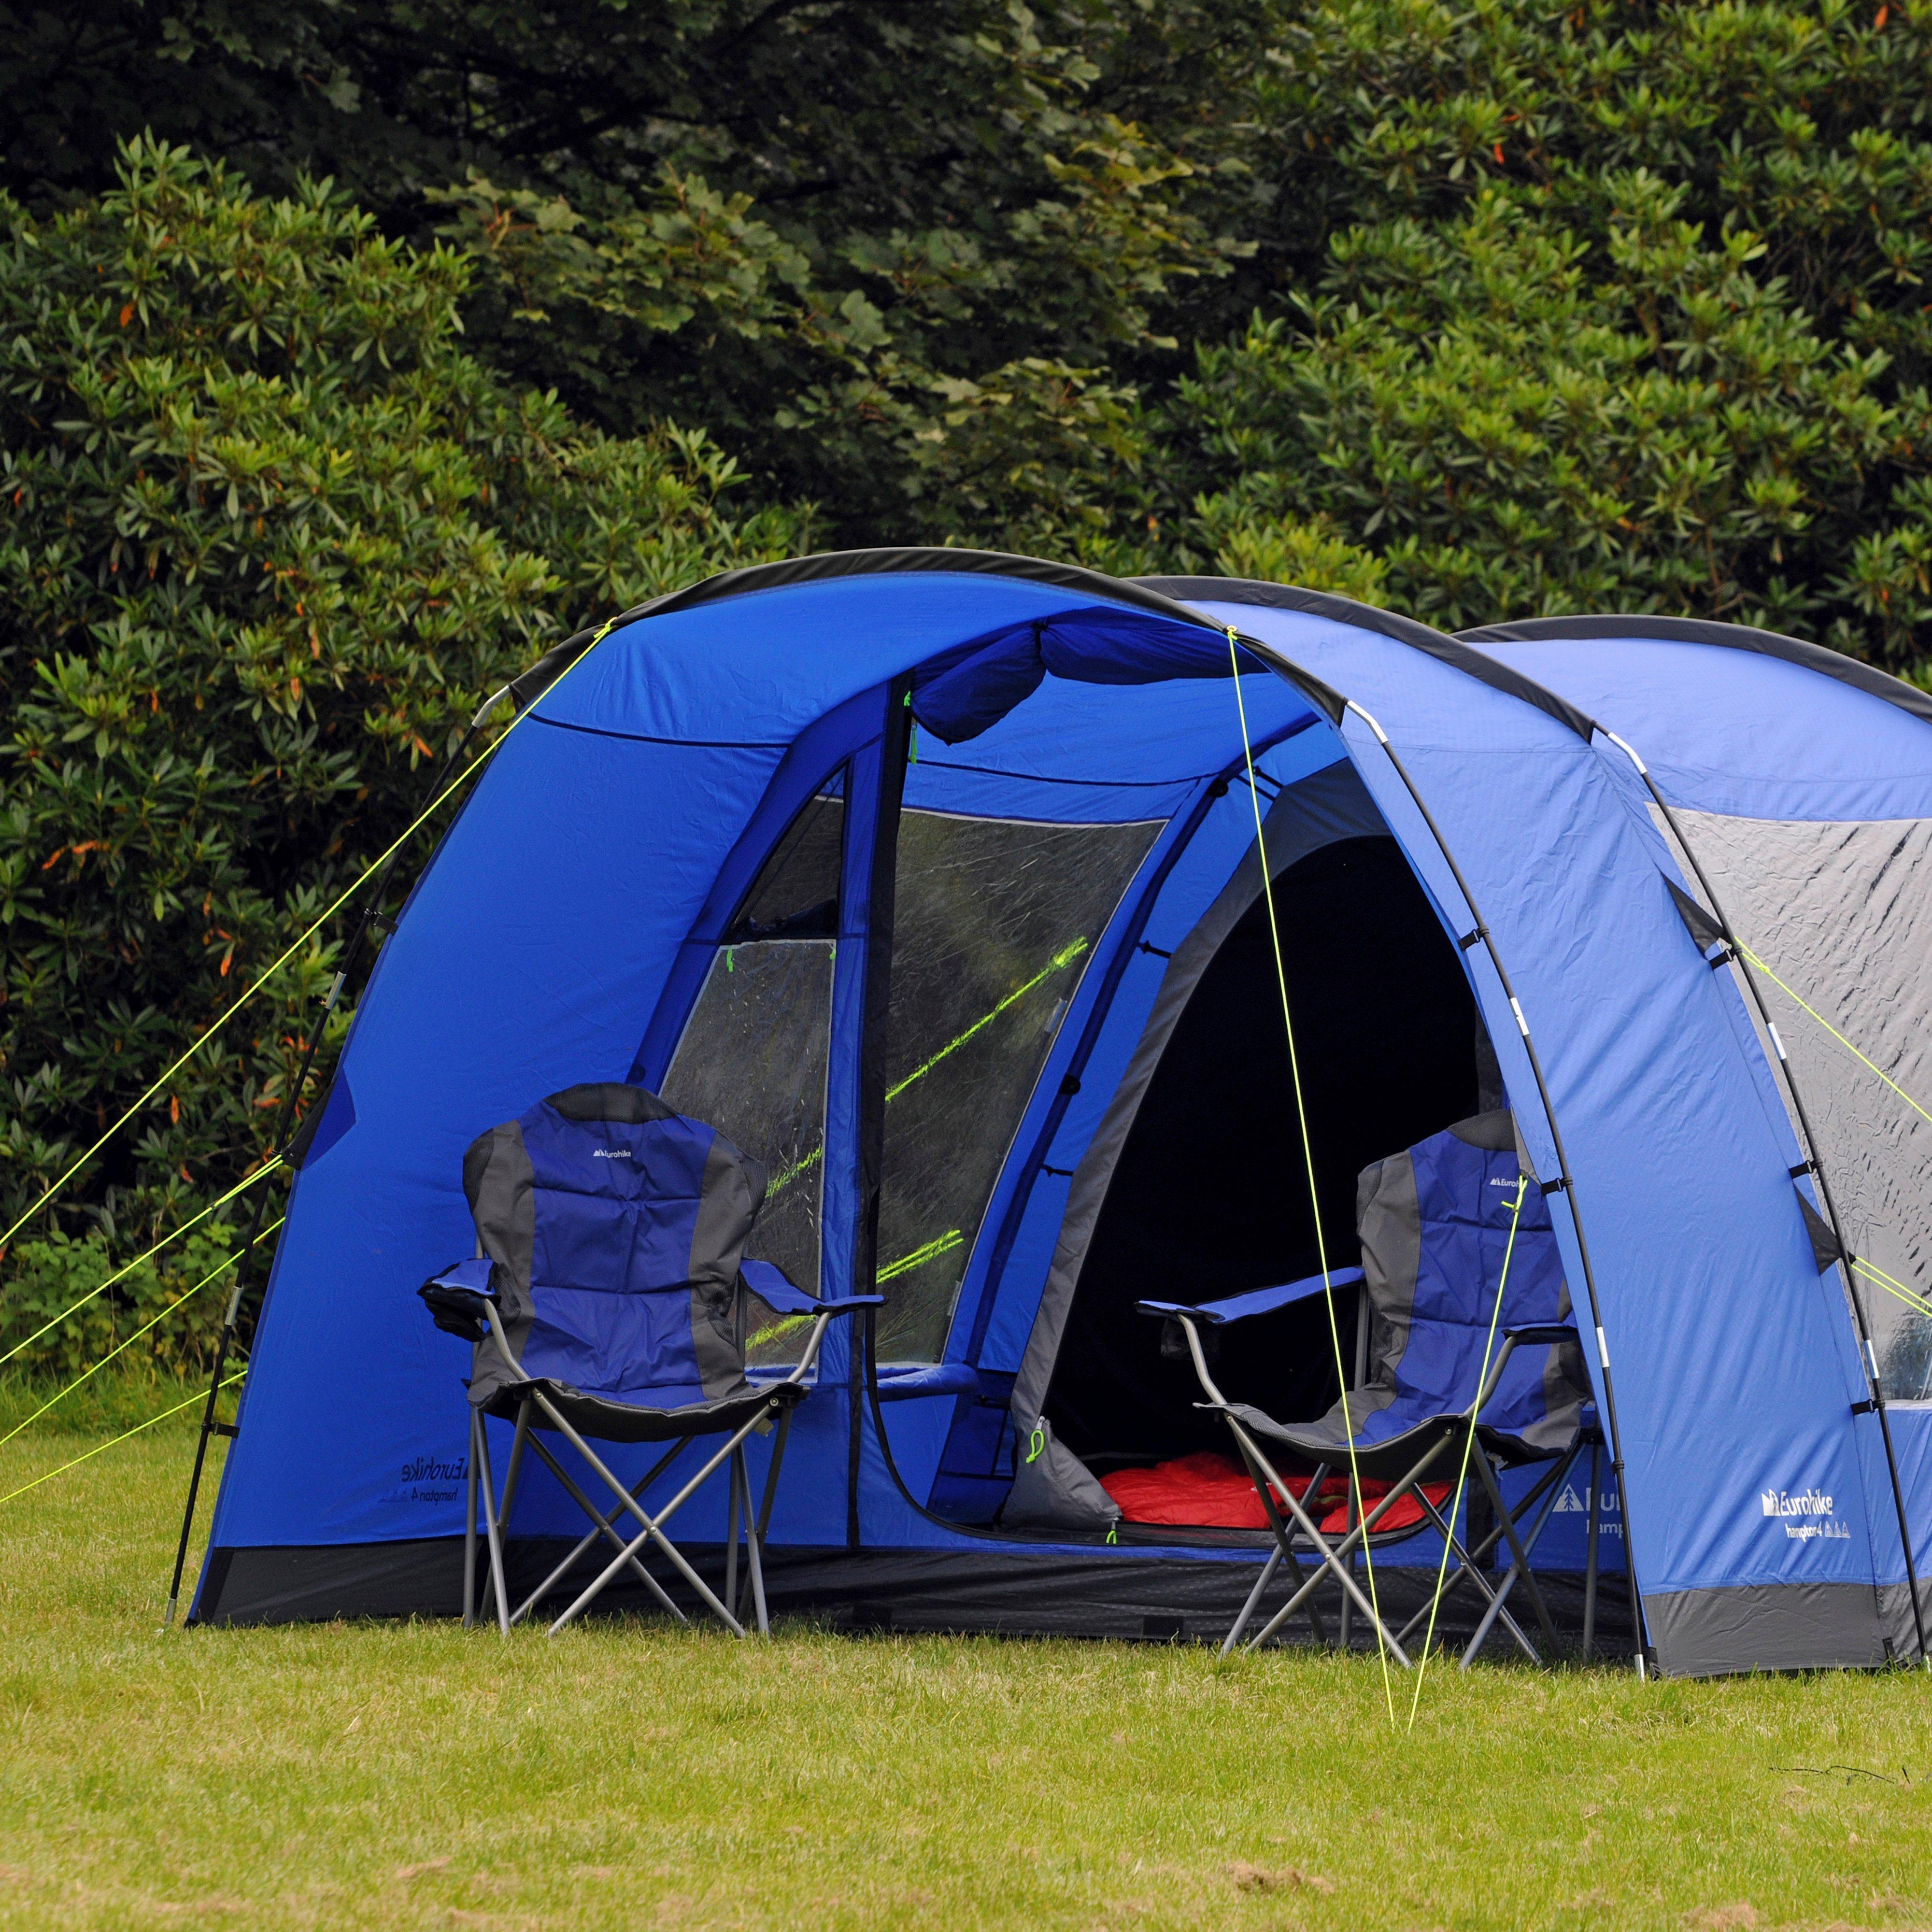 EUROHIKE H&ton 4 Family Tent & EUROHIKE Hampton 4 Family Tent | Millets